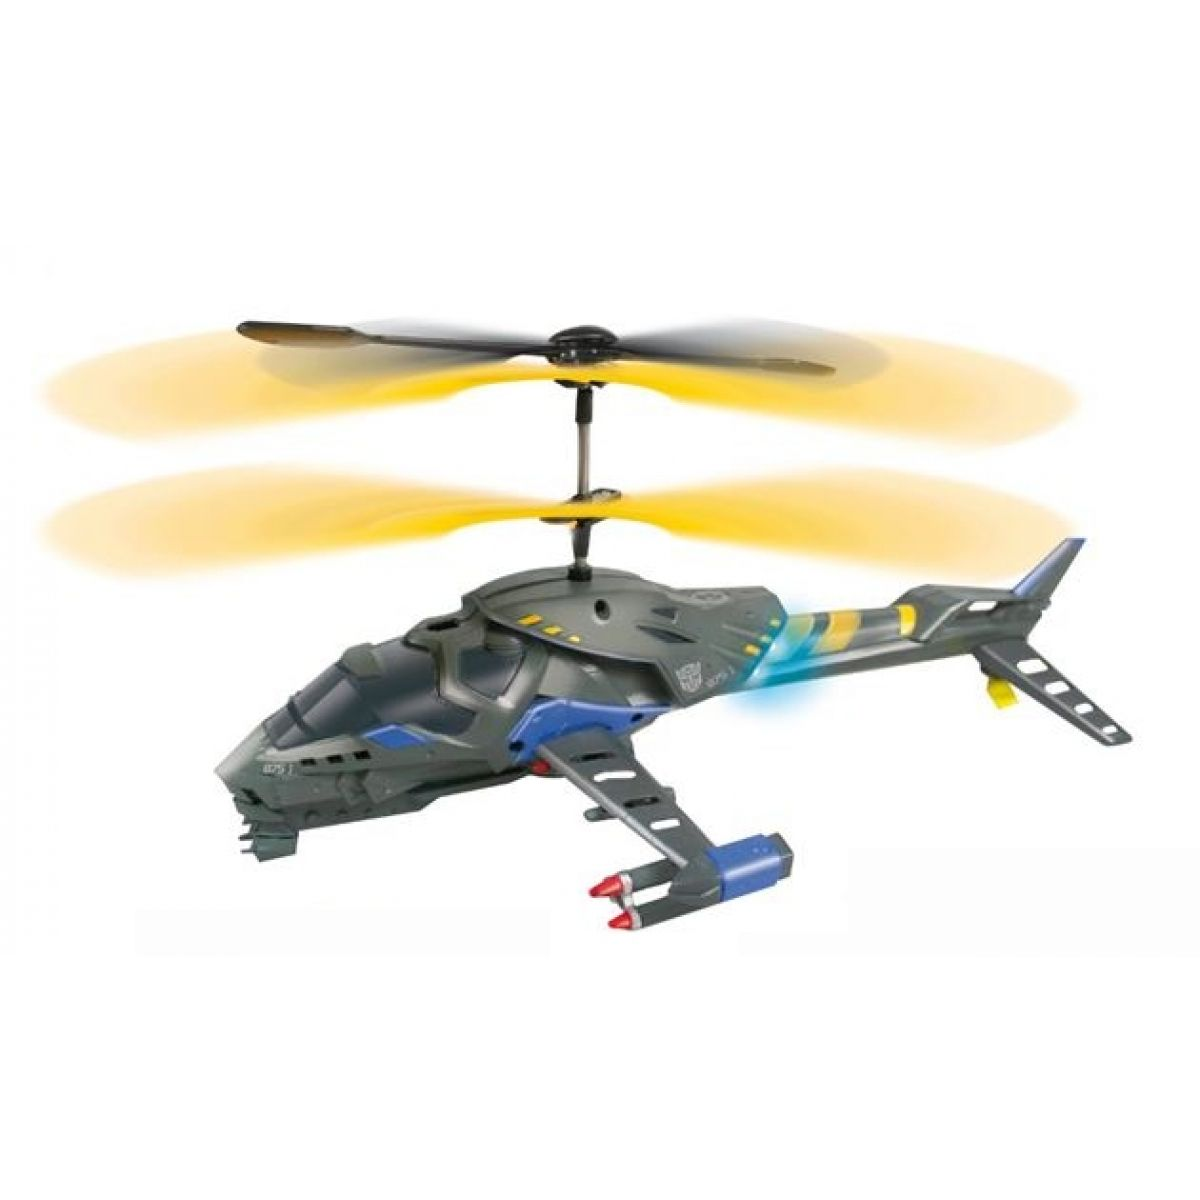 Nikko RC Vrtulník Transformers Helicopter